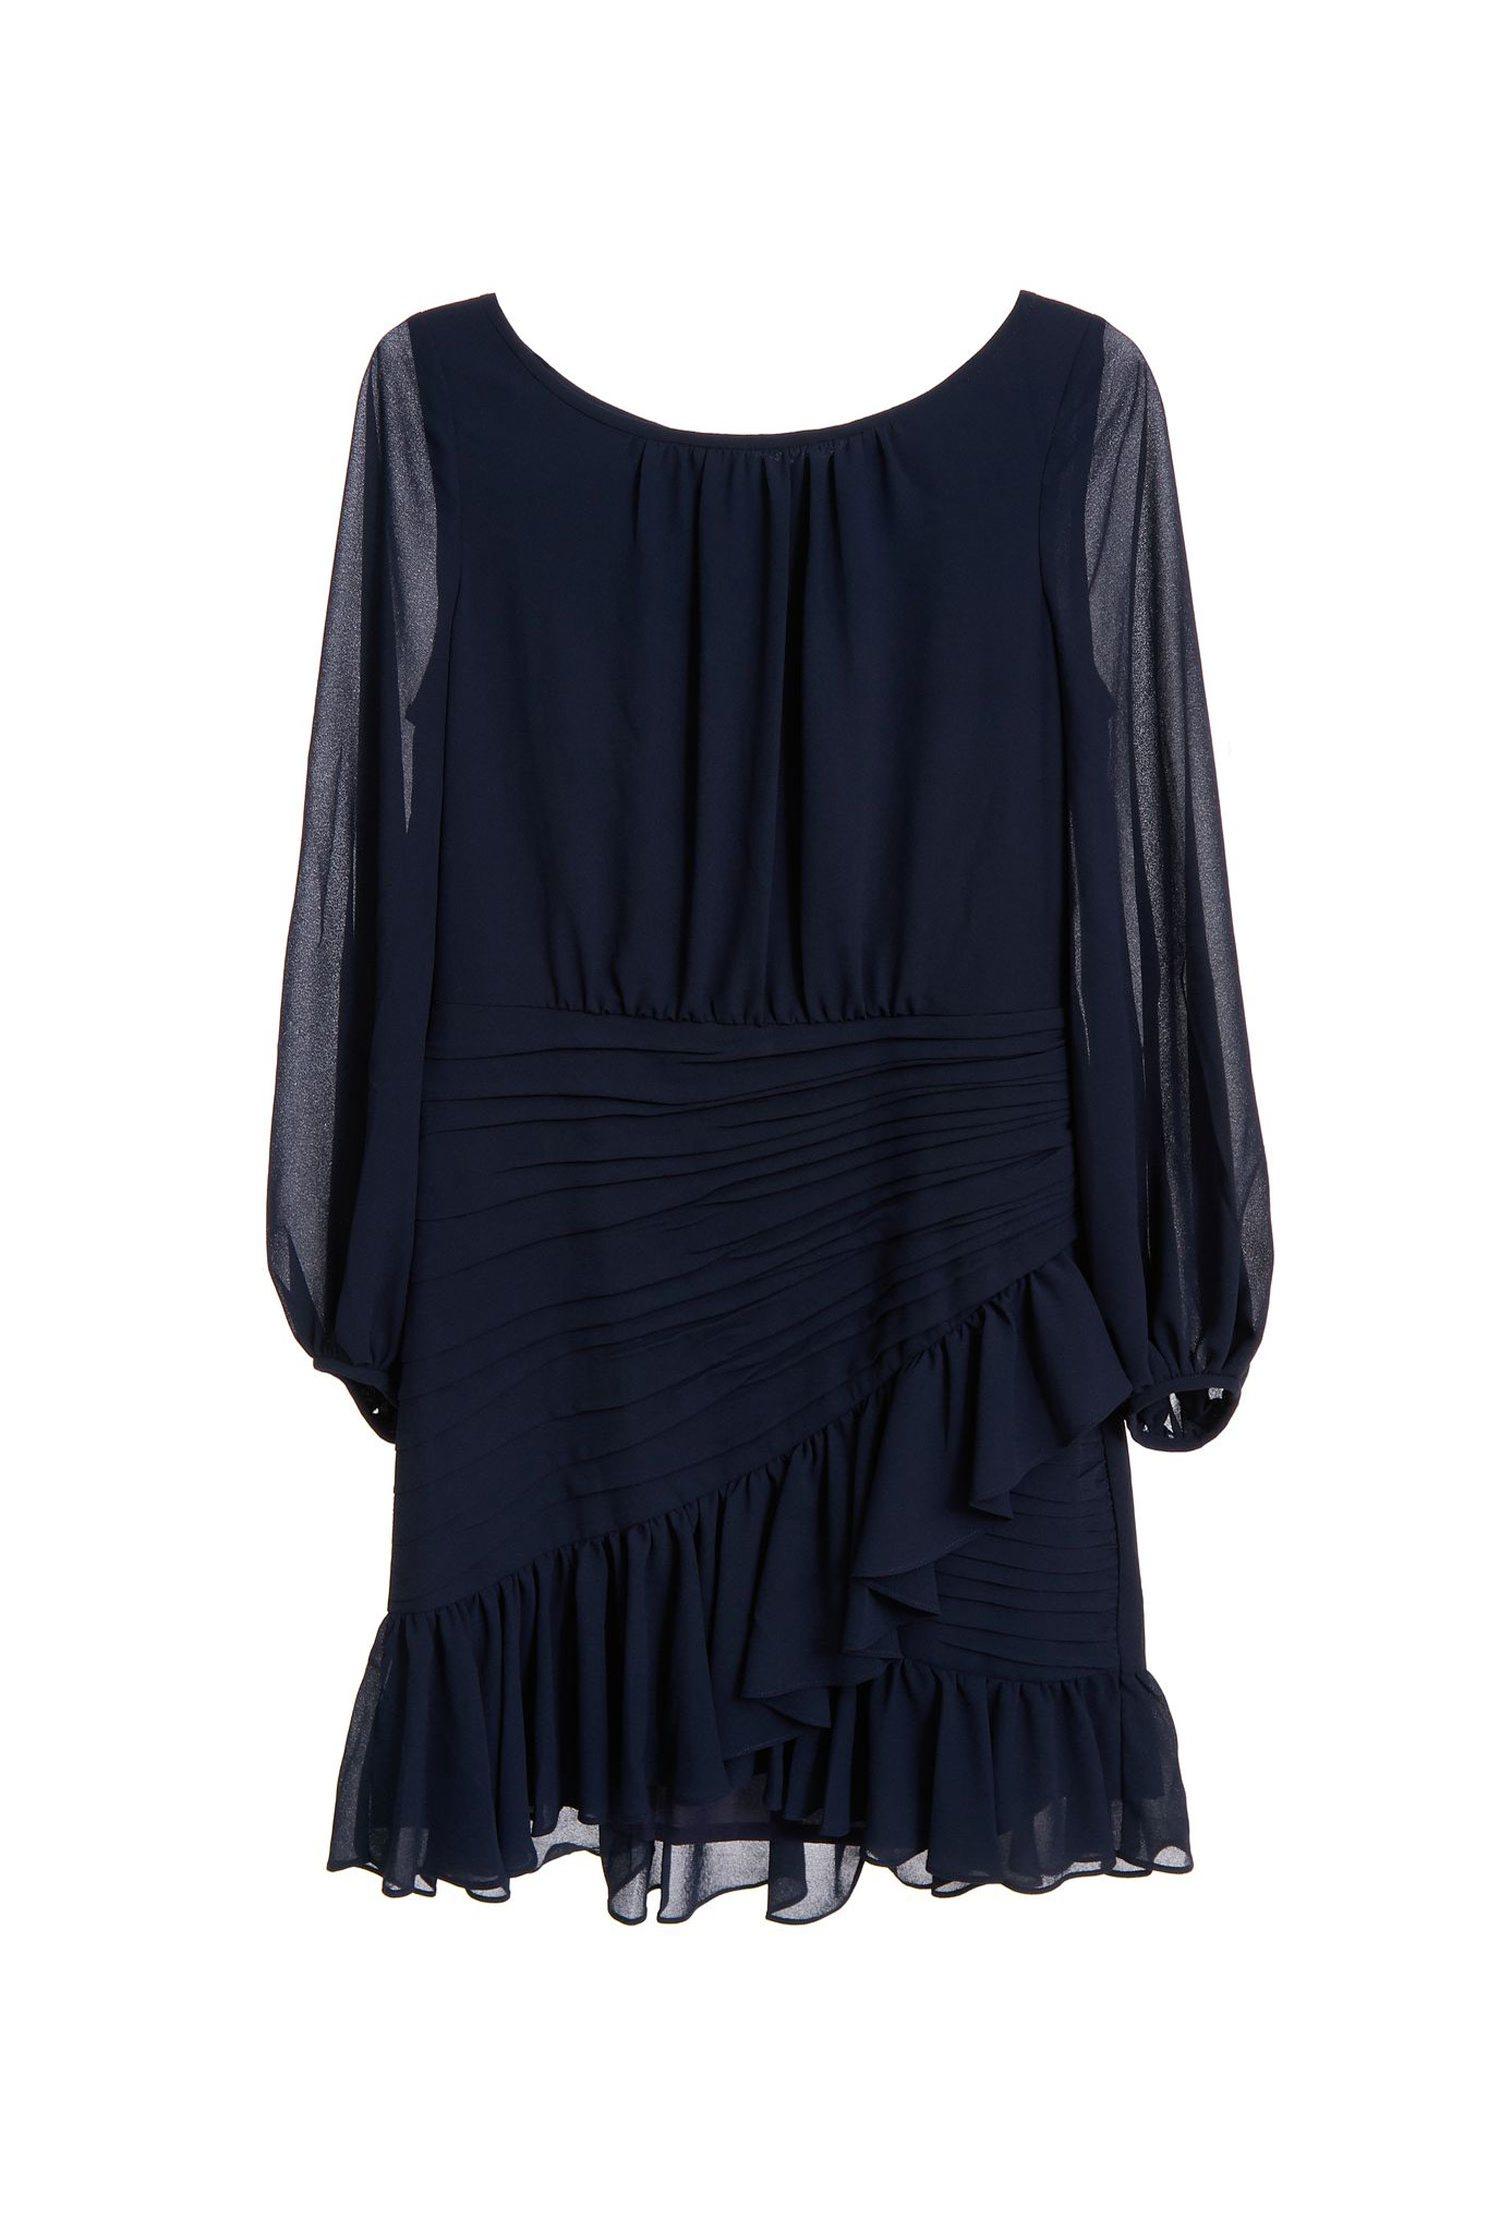 Chiffon dress,casualdress,cocktaildress,longsleevedress,chiffon,chiffondress